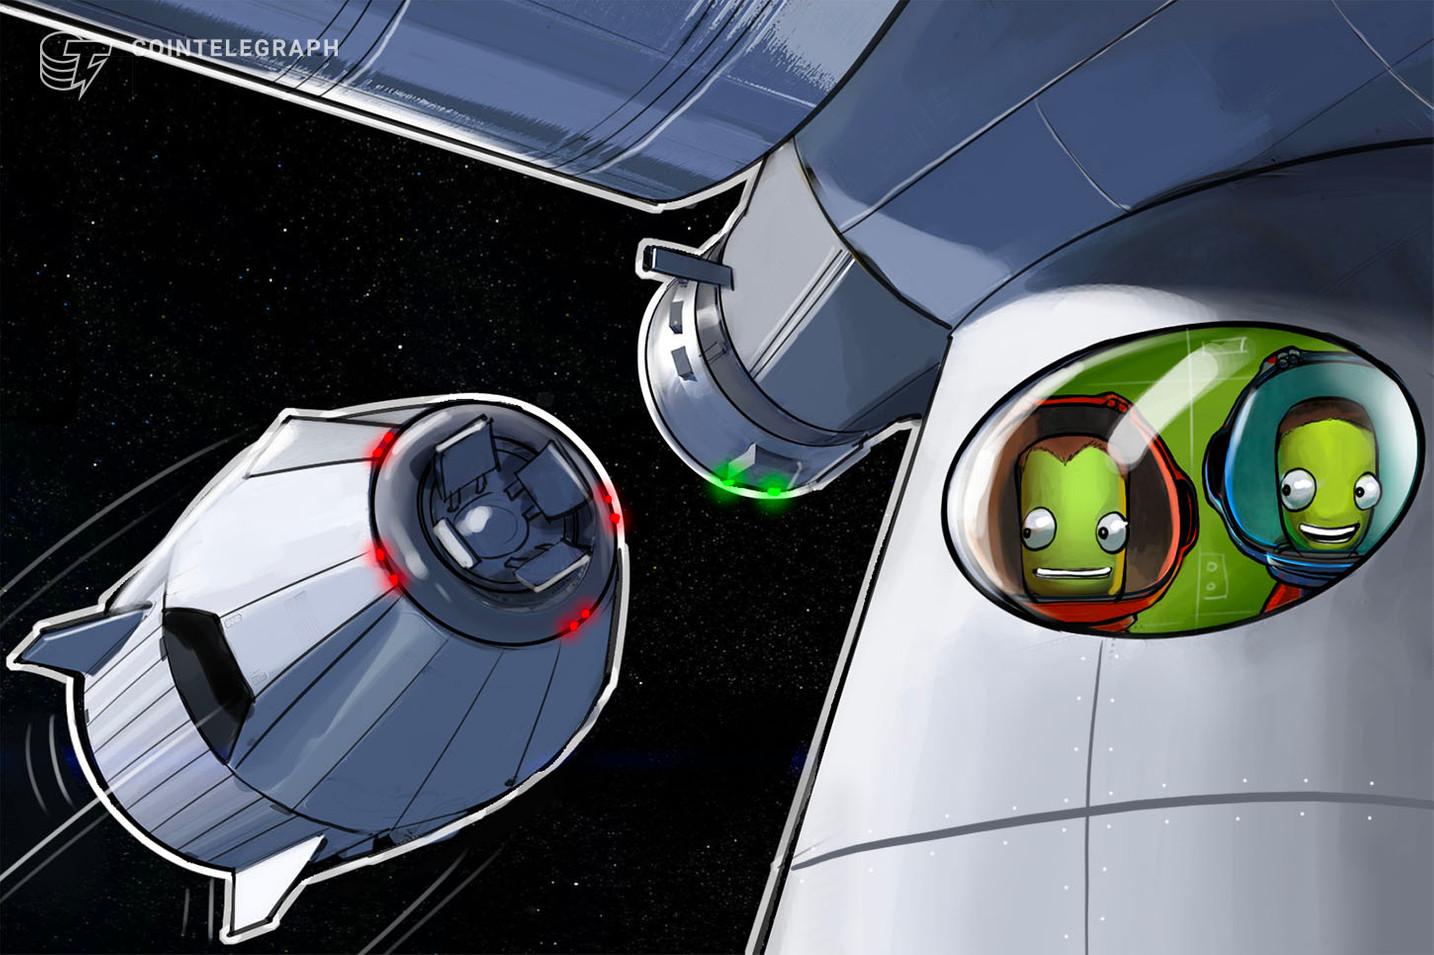 Giao dịch bitcoin đầu tiên ngoài không gian (nguồn: CoinTelegraph)